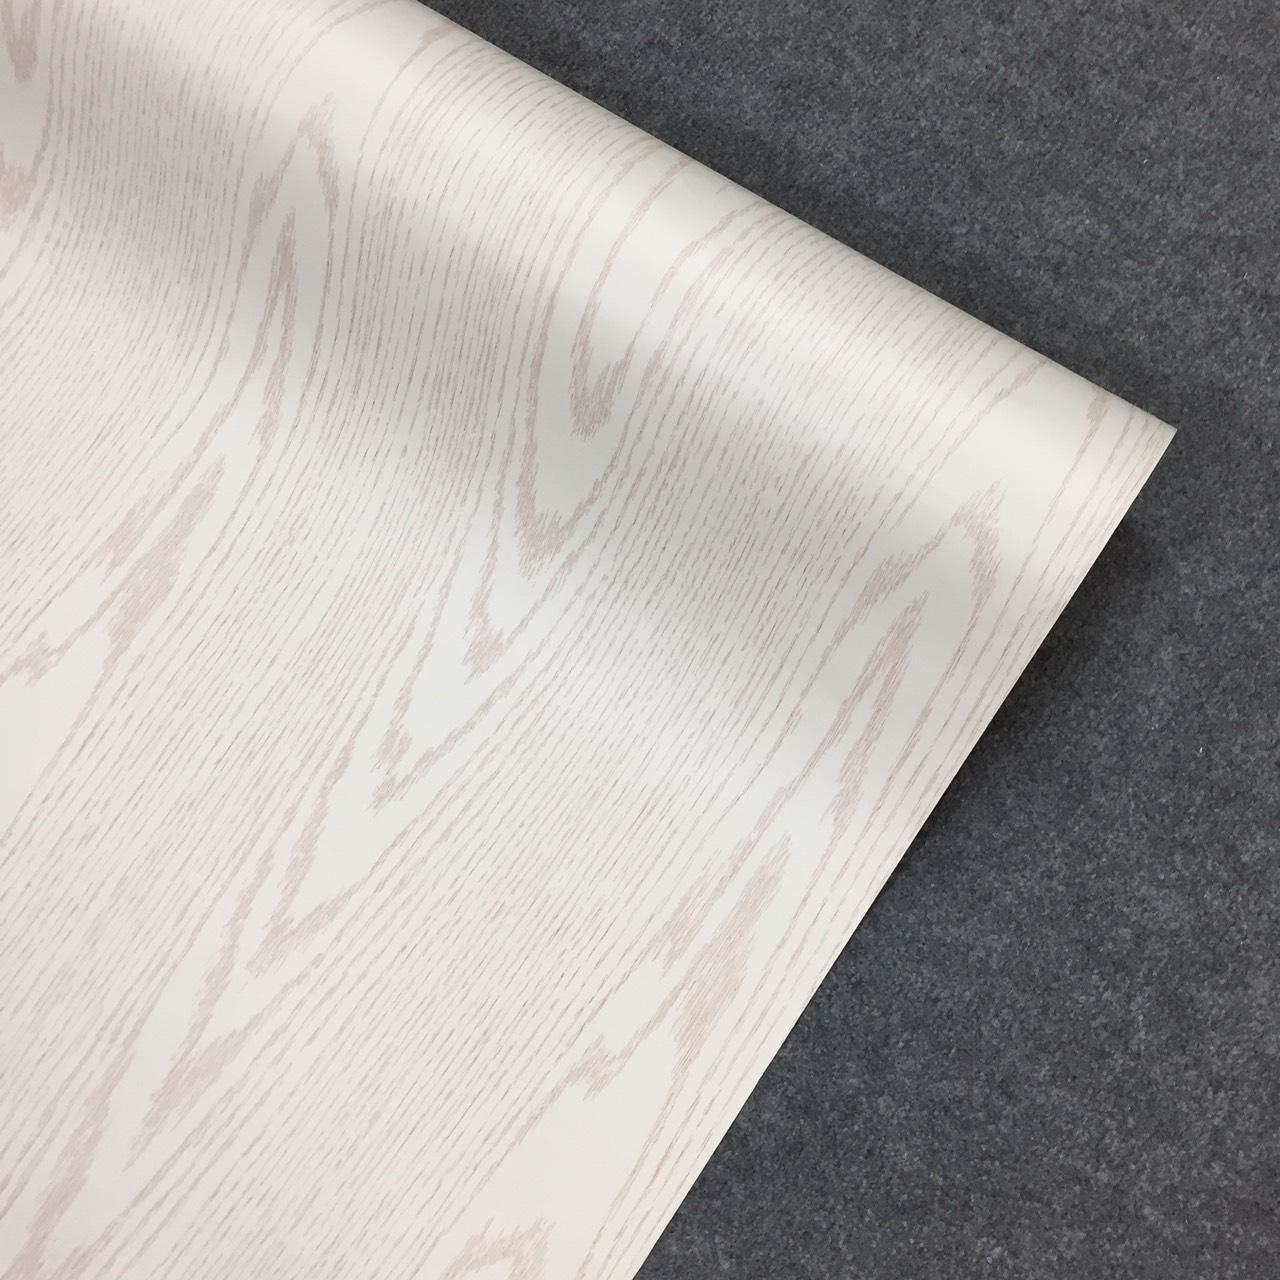 Decal vân gỗ trắng - Giấy dán tường bàn tủ có sẵn keo ( khổ 1,2m - Mẫu G1 )